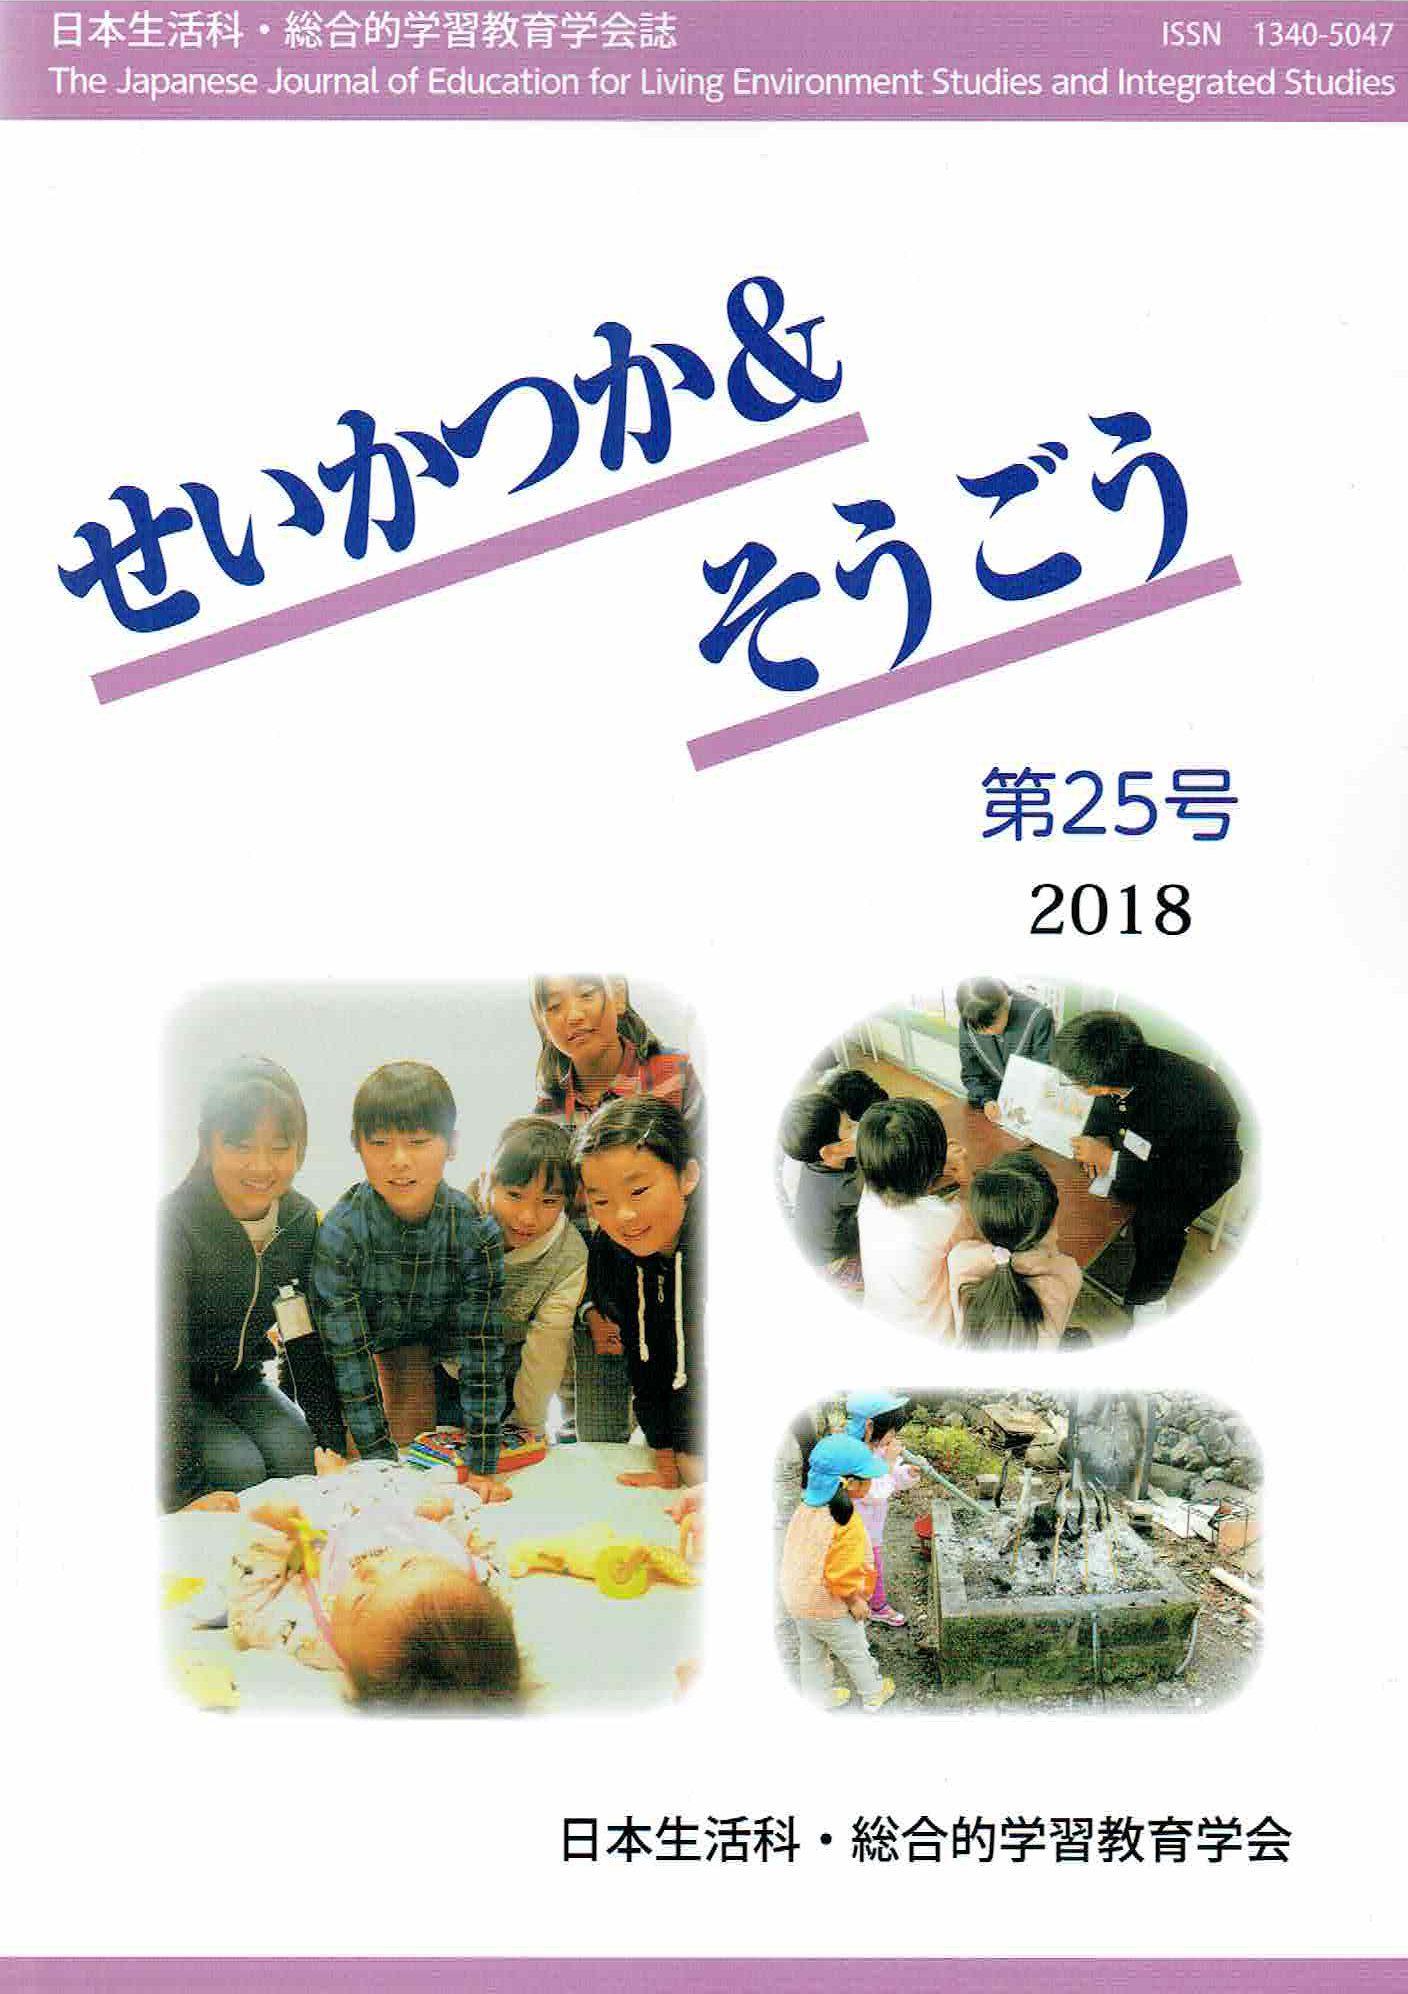 【最新号】第25号(2018年3月発行)